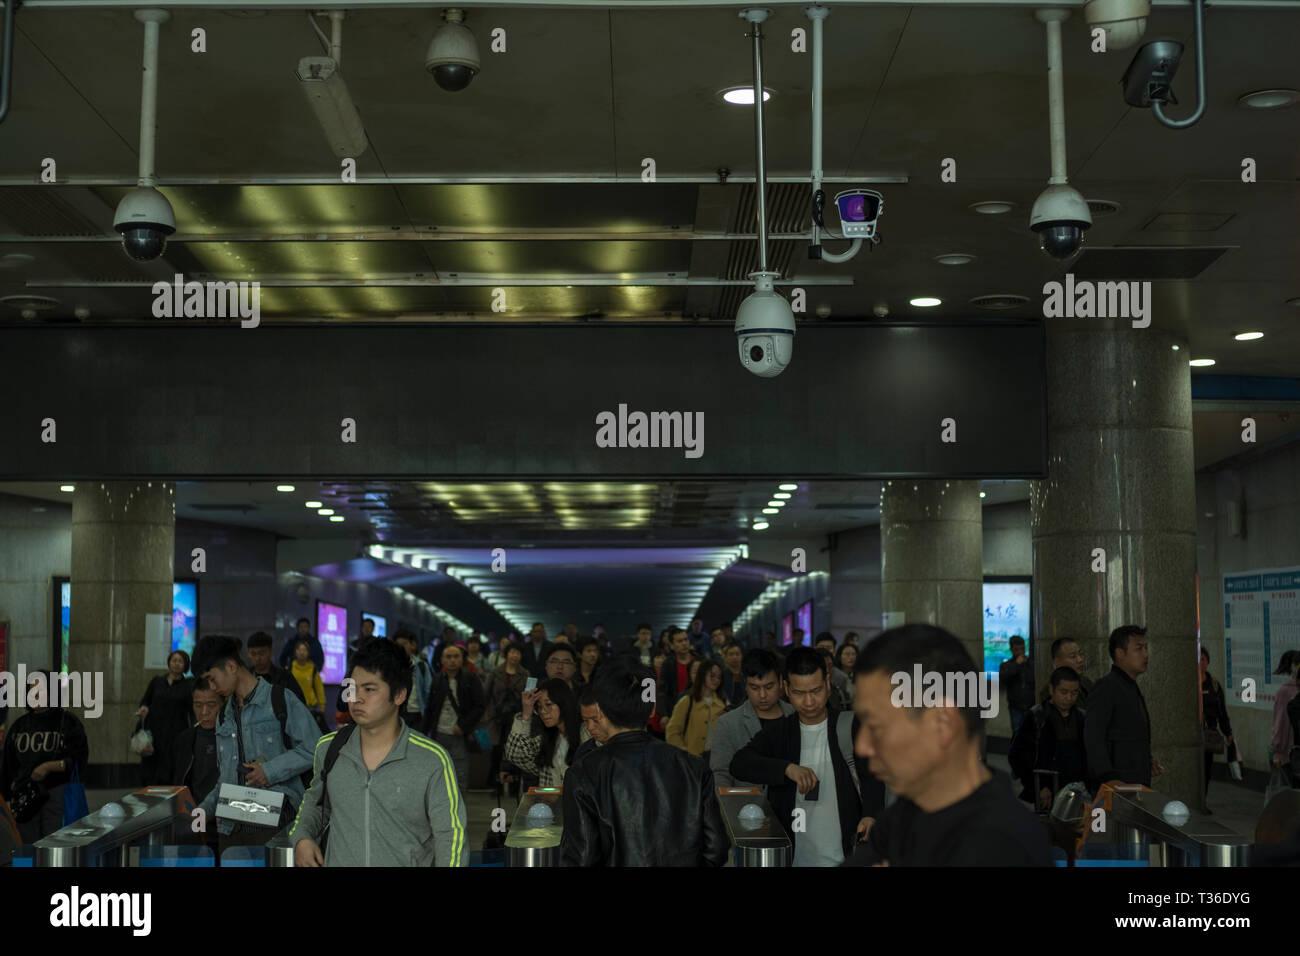 El funcionamiento de las cámaras de seguridad CCTV a la salida de una estación de tren en Nanchang, provincia de Jiangxi, China. 06-Apr-2019 Foto de stock